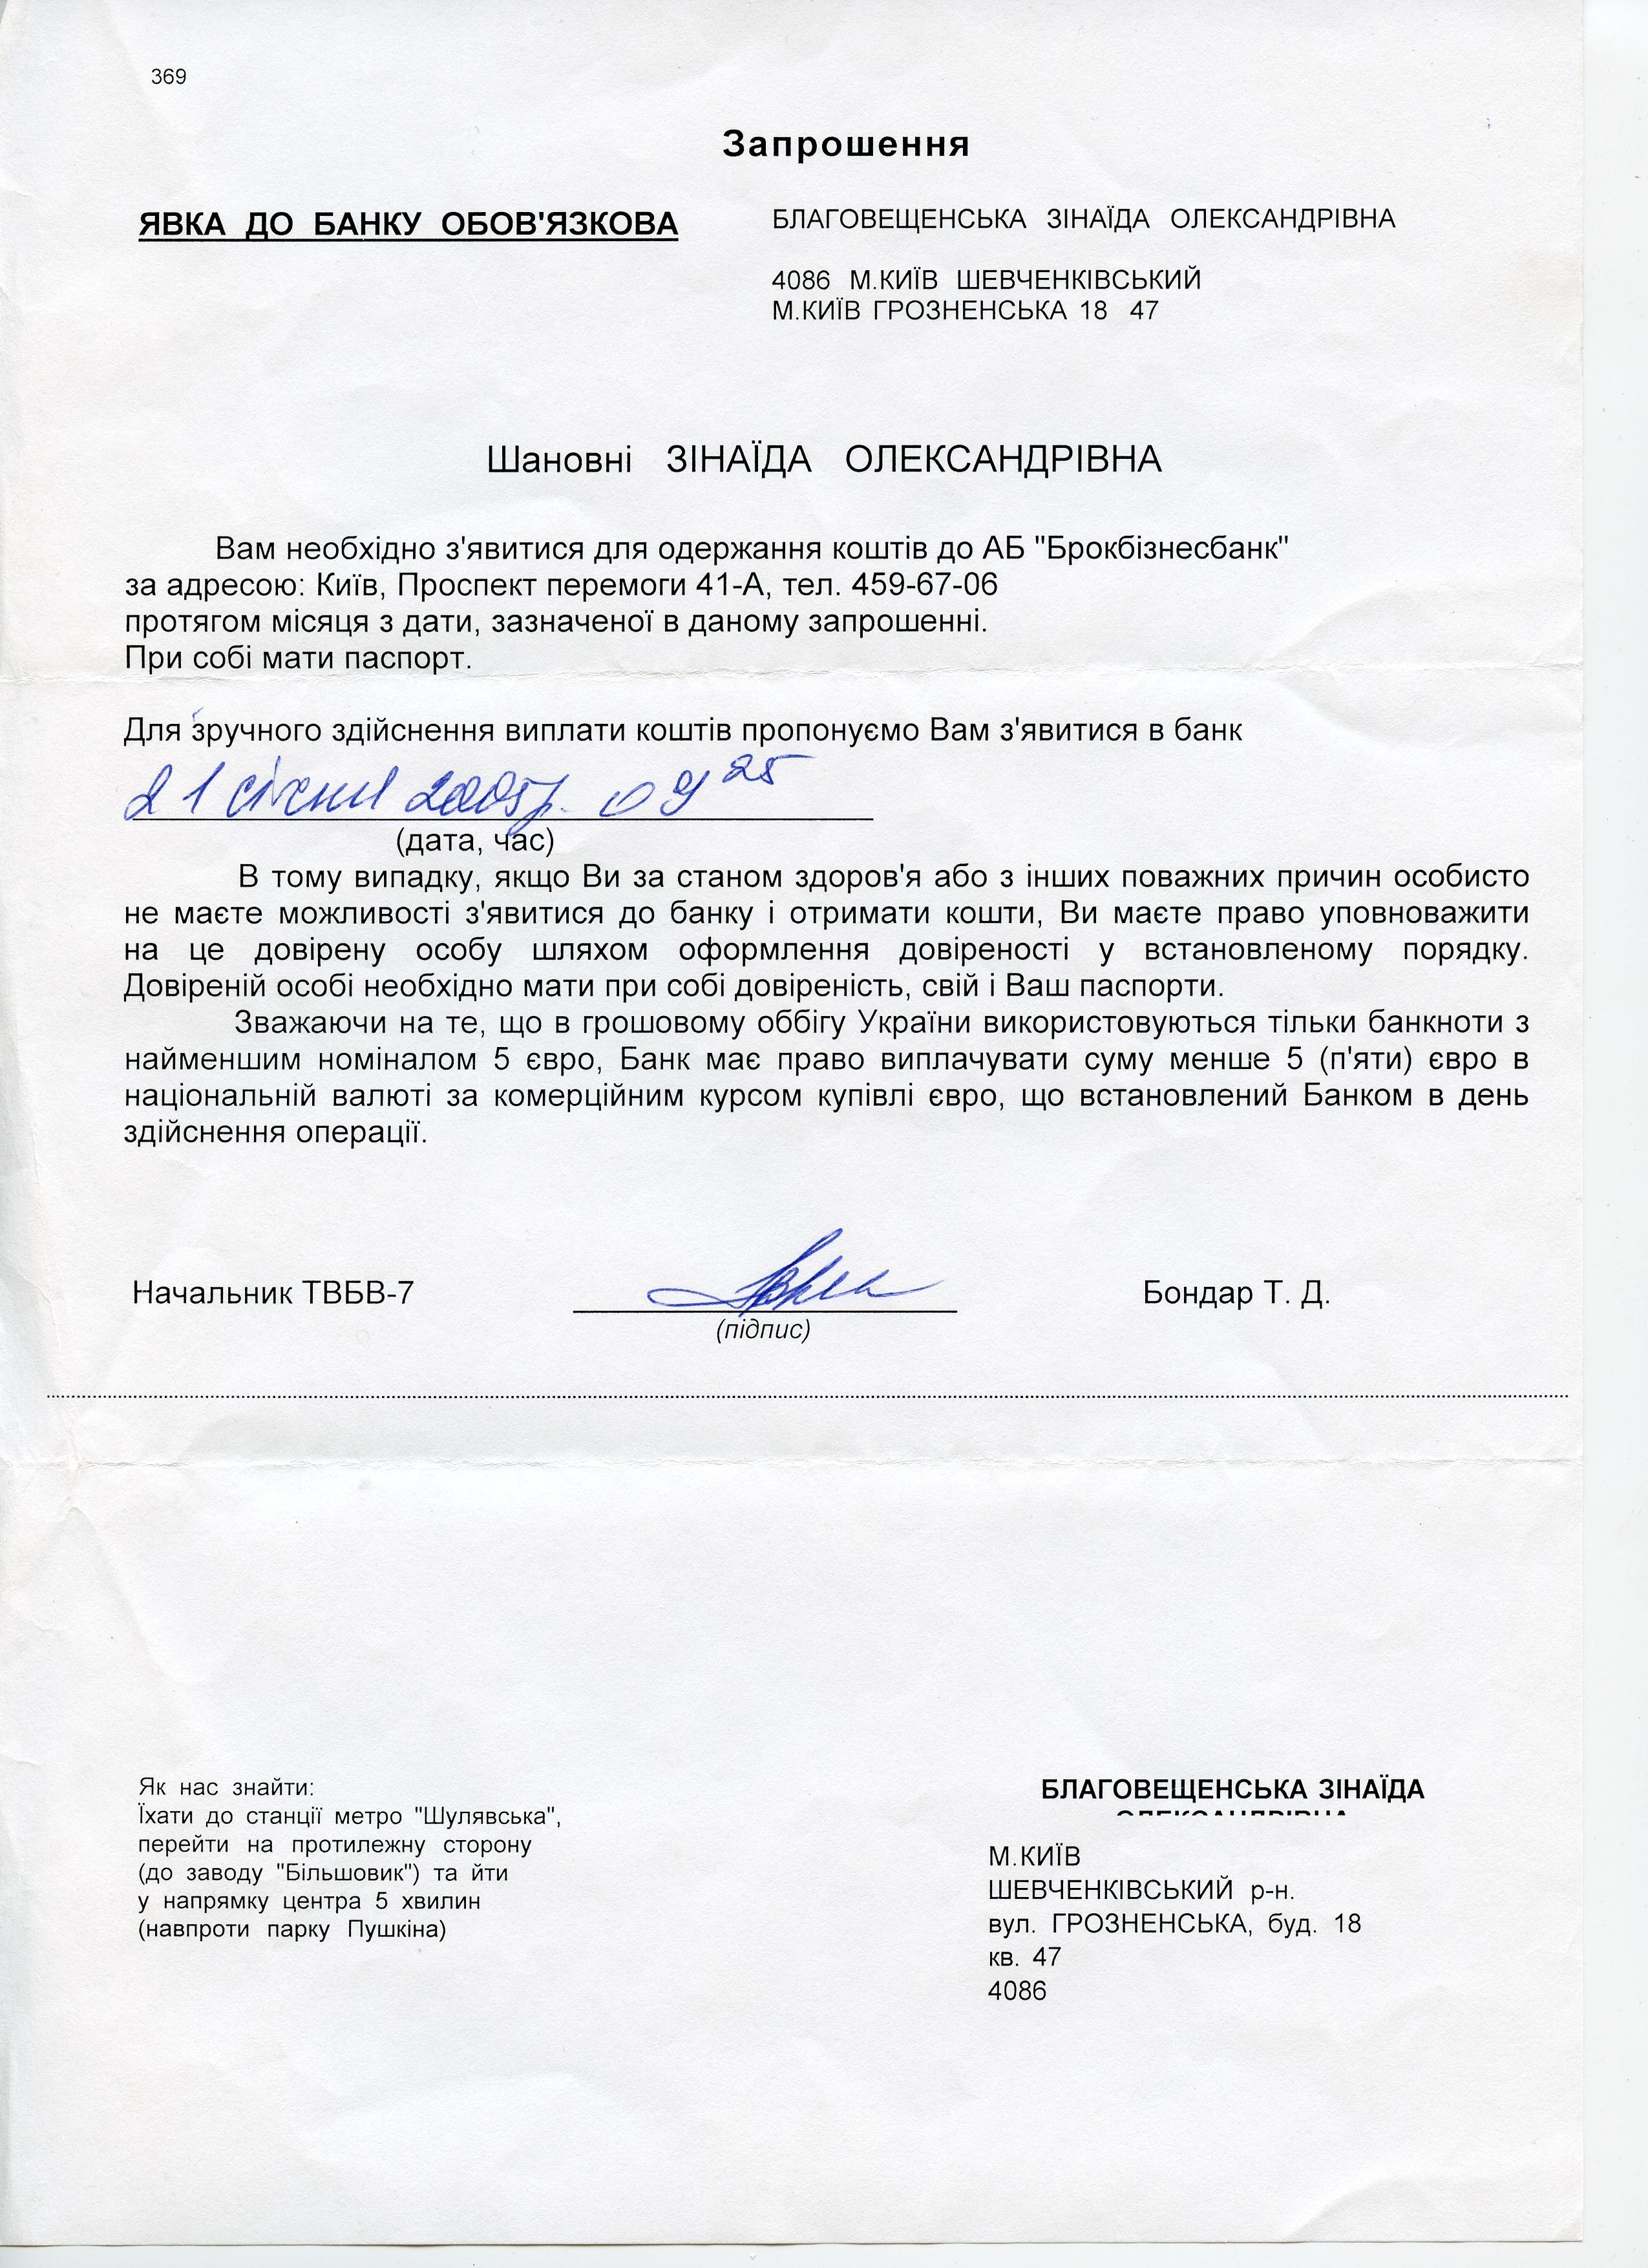 Запрошення до банку Благовещенської Зінаїди Олександрівни